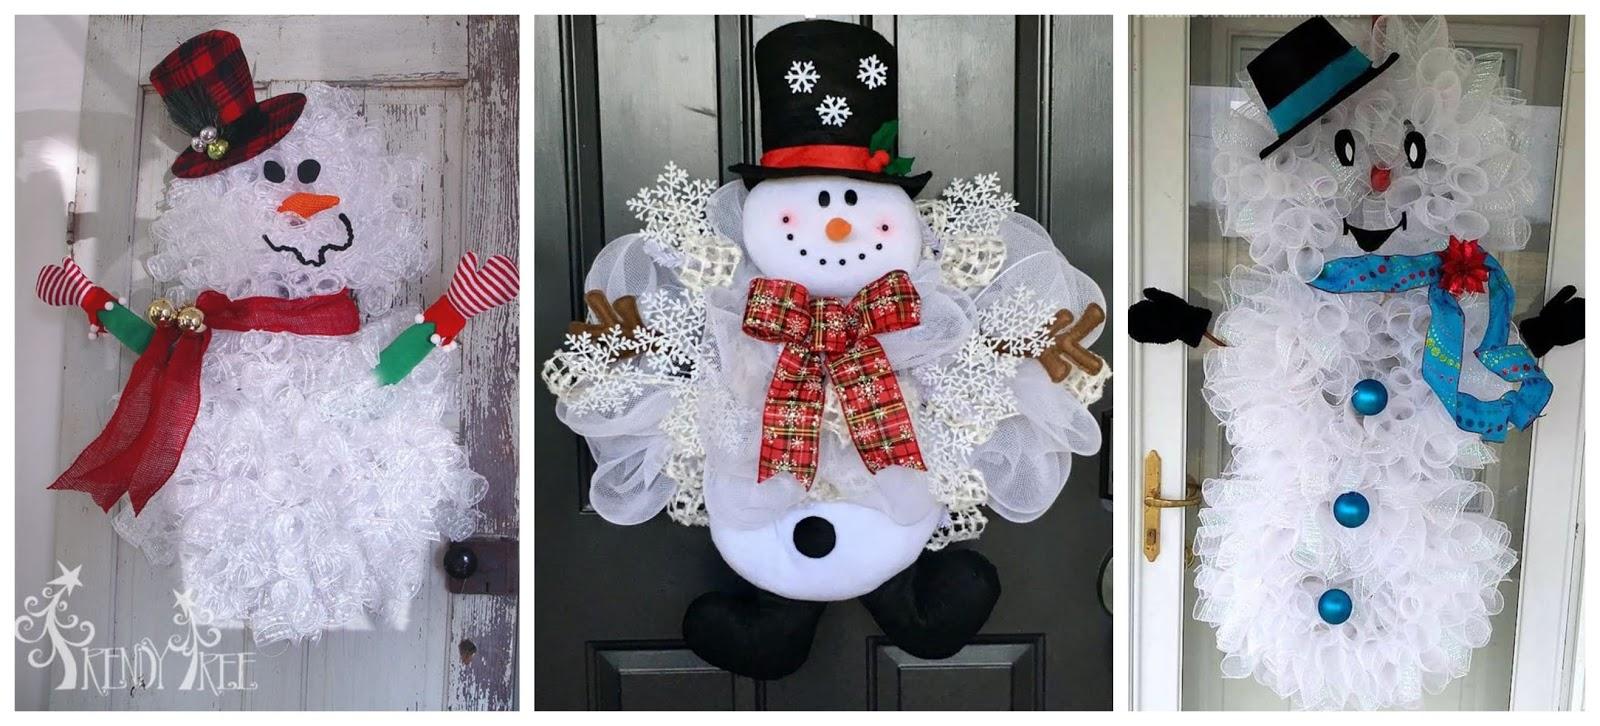 Ideas Para Decorar Puertas En Navidad.10 Ideas Para Decorar La Puerta En Navidad Con Munecos De